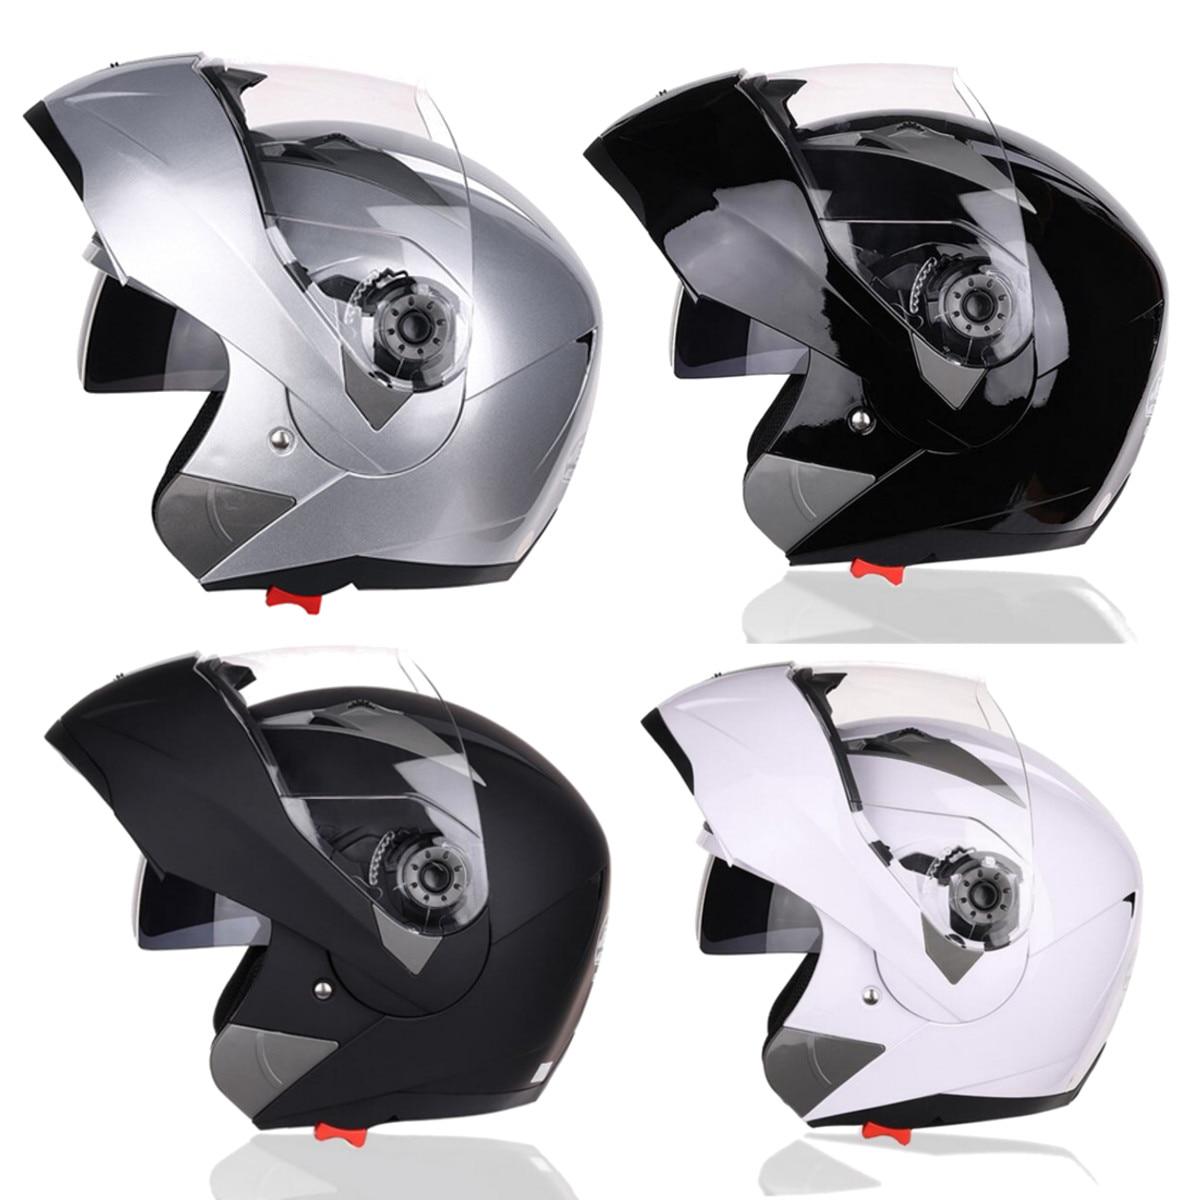 Grand SV casque de moto intégral modulaire Flip Up avant moto Crash casque pare-soleil 4 couleurs engrenages de protection